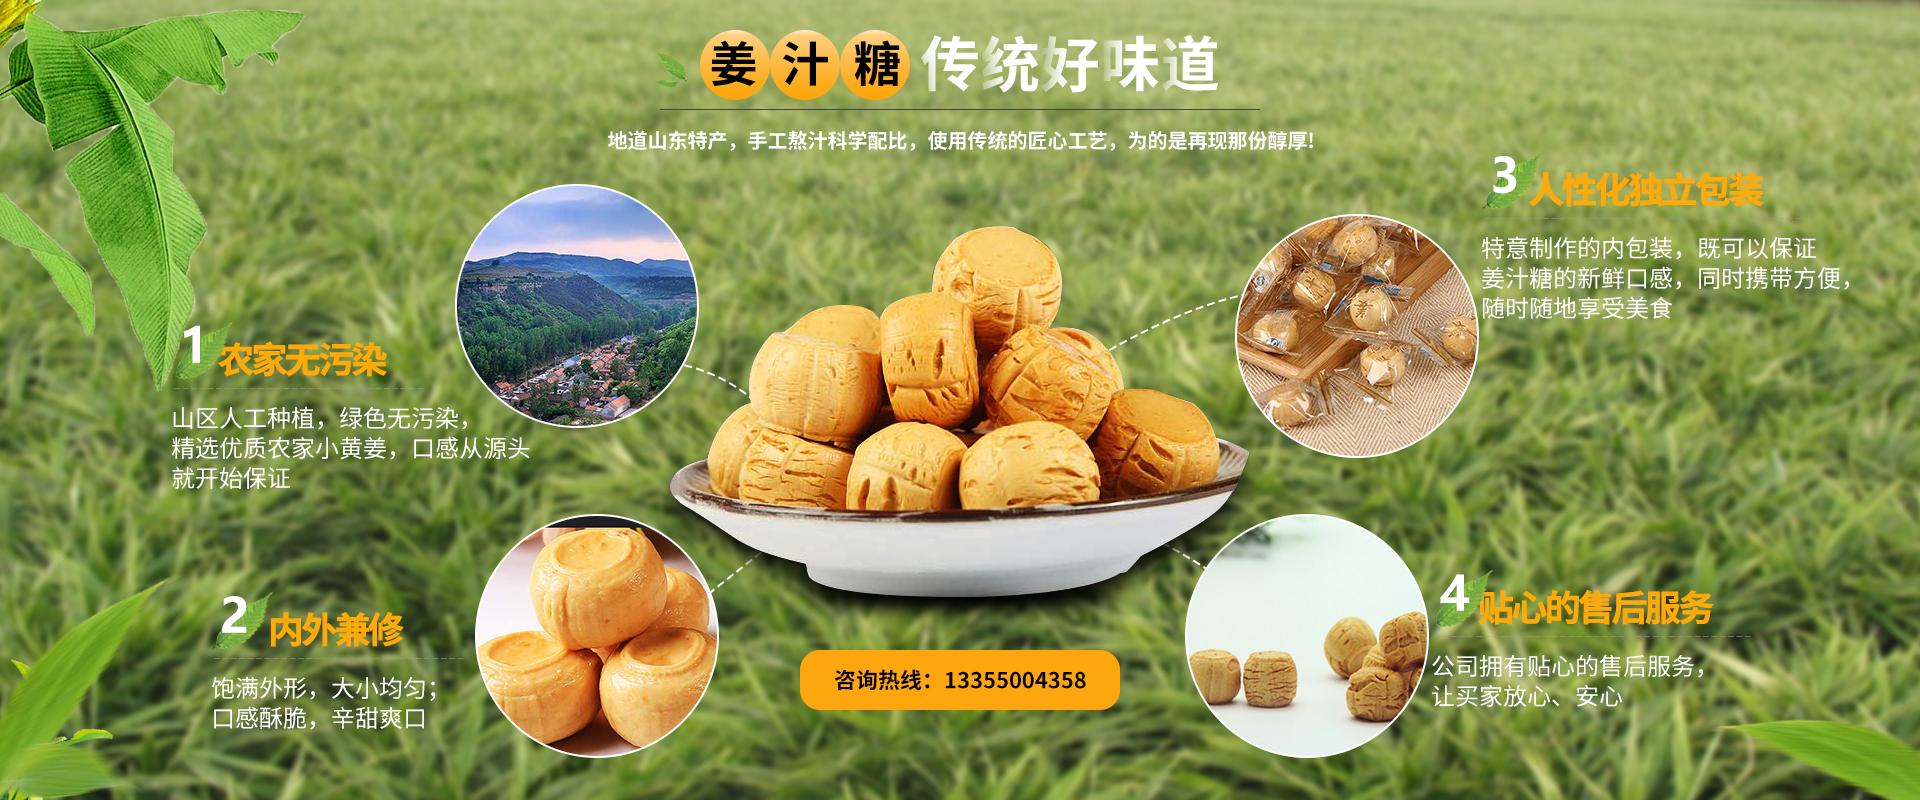 姜汁糖厂家,姜片批发,姜糖生产厂家,姜片厂家